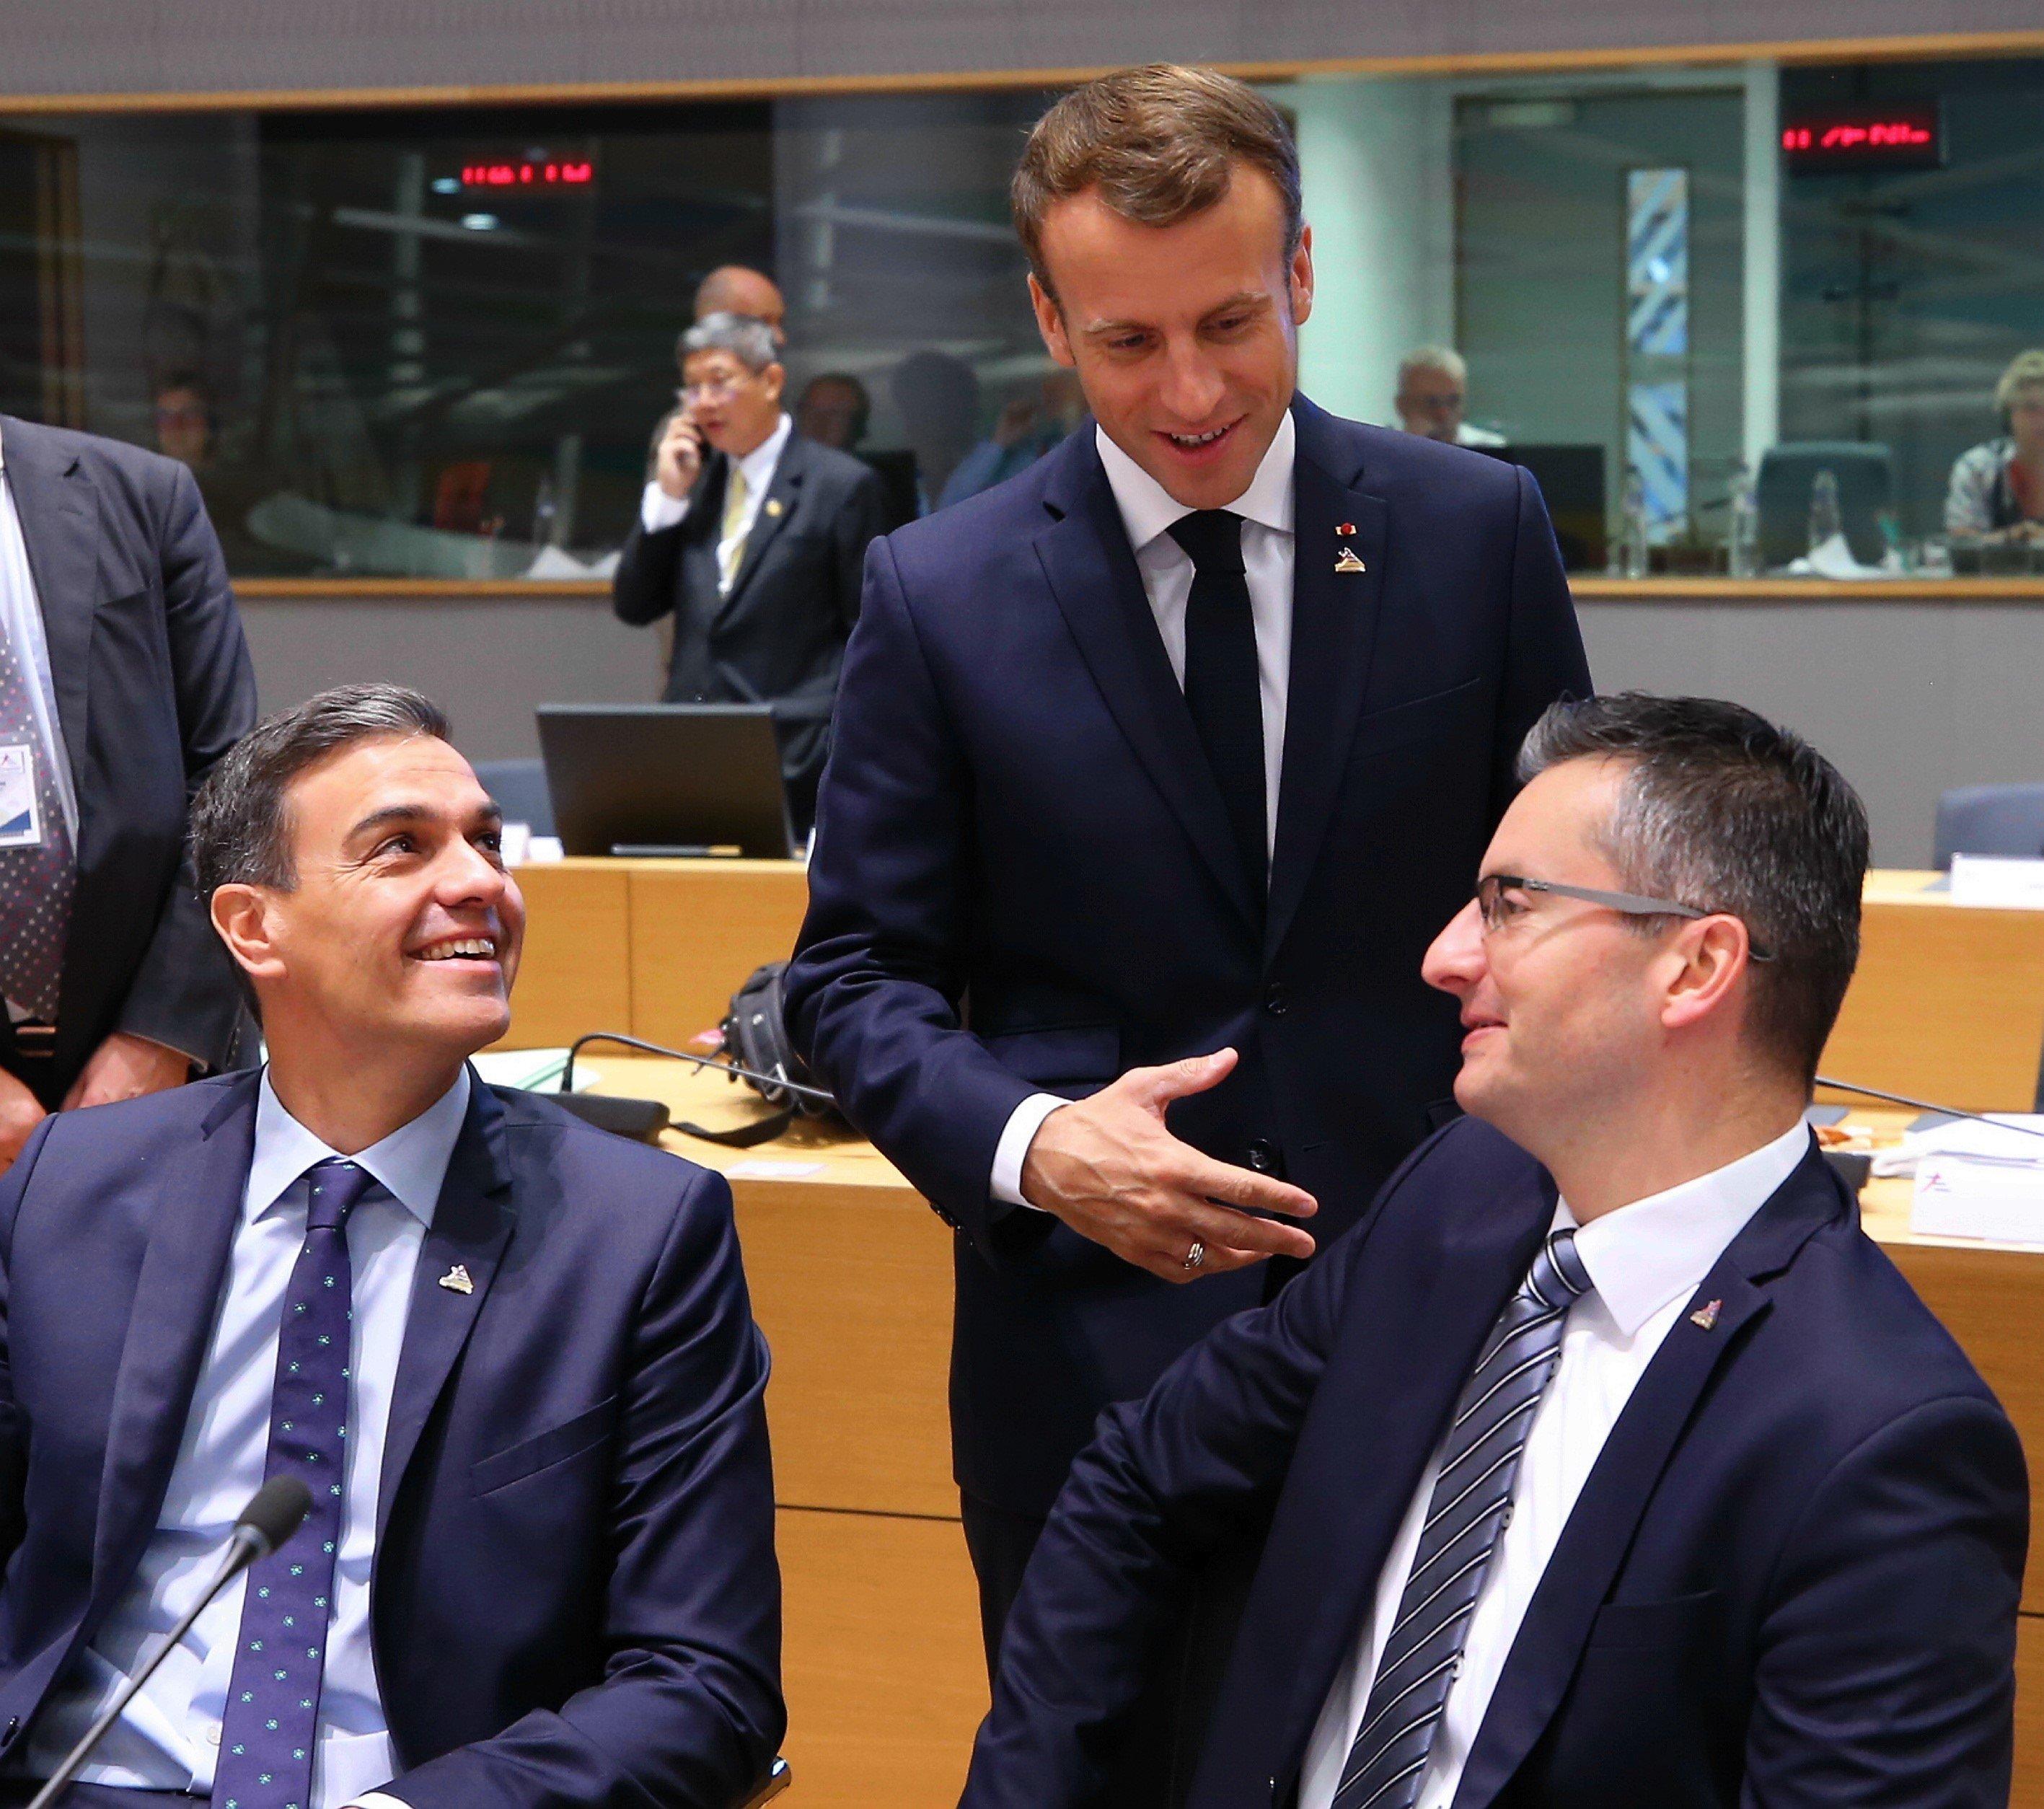 Francia reafirma su confianza en la democracia